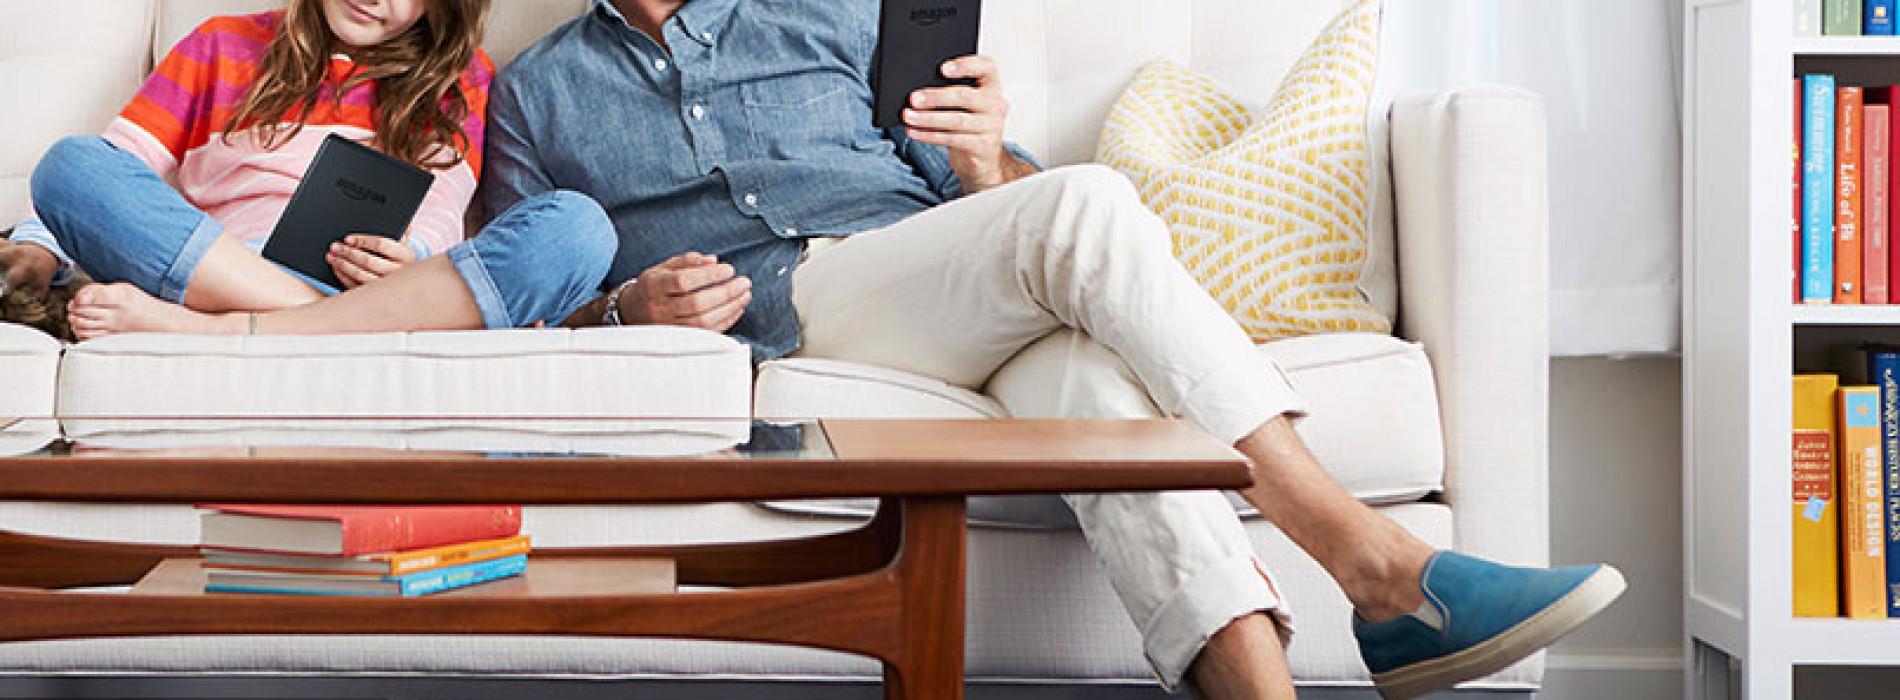 Nová základní čtečka Amazon Kindle